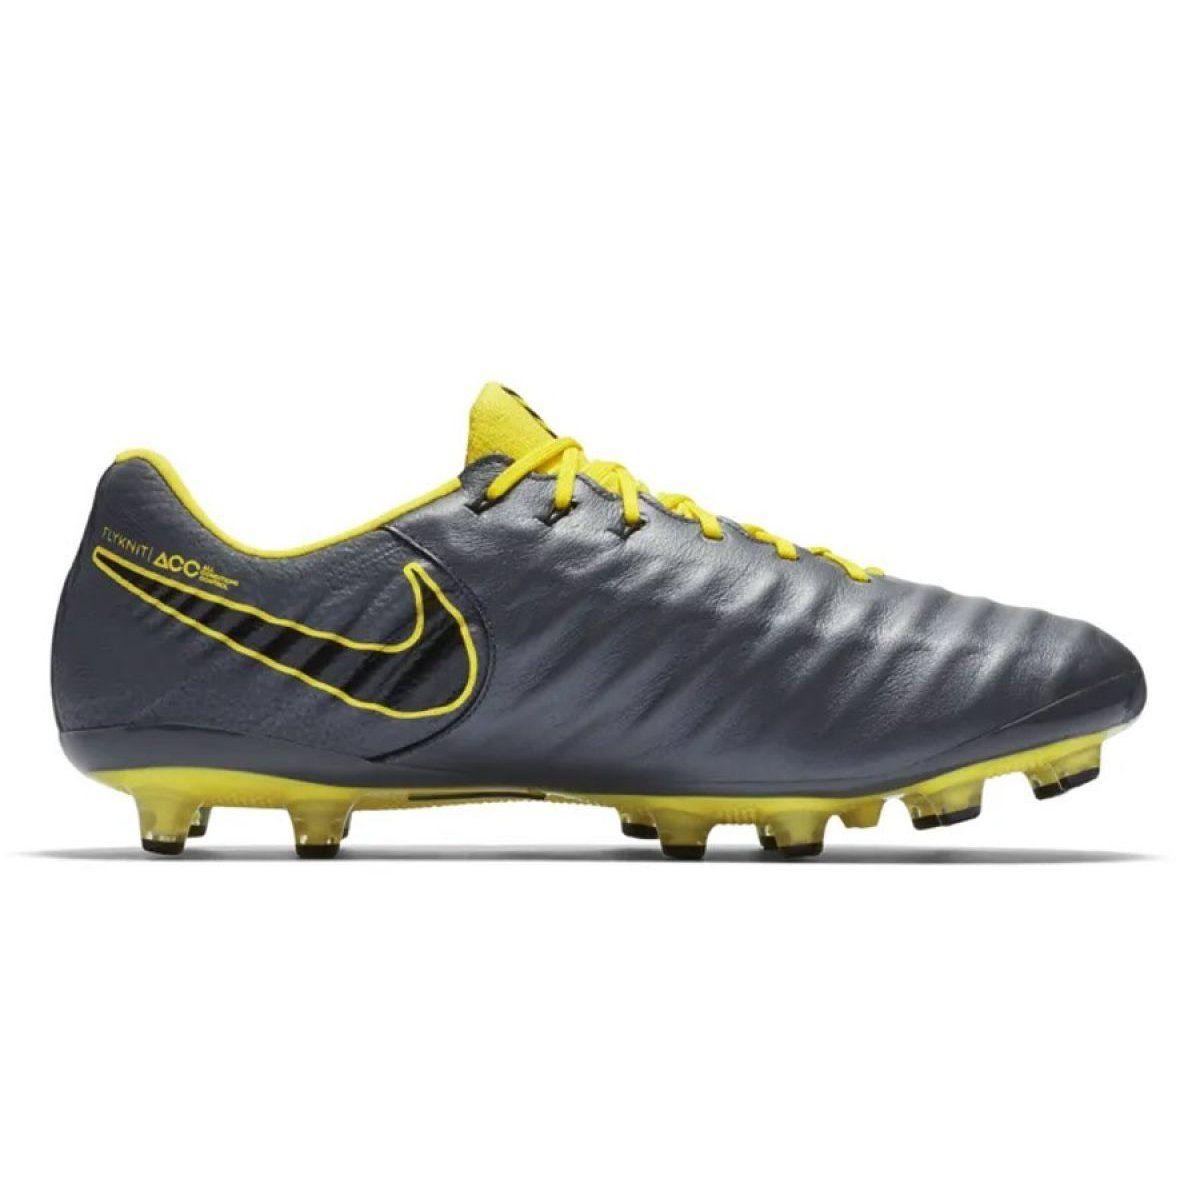 comerciante Paine Gillic símbolo  Football shoes Nike Tiempo Legend 7 Elite Ag Pro M AH7423-070 black grey    Mens football boots, Football shoes, Football boots